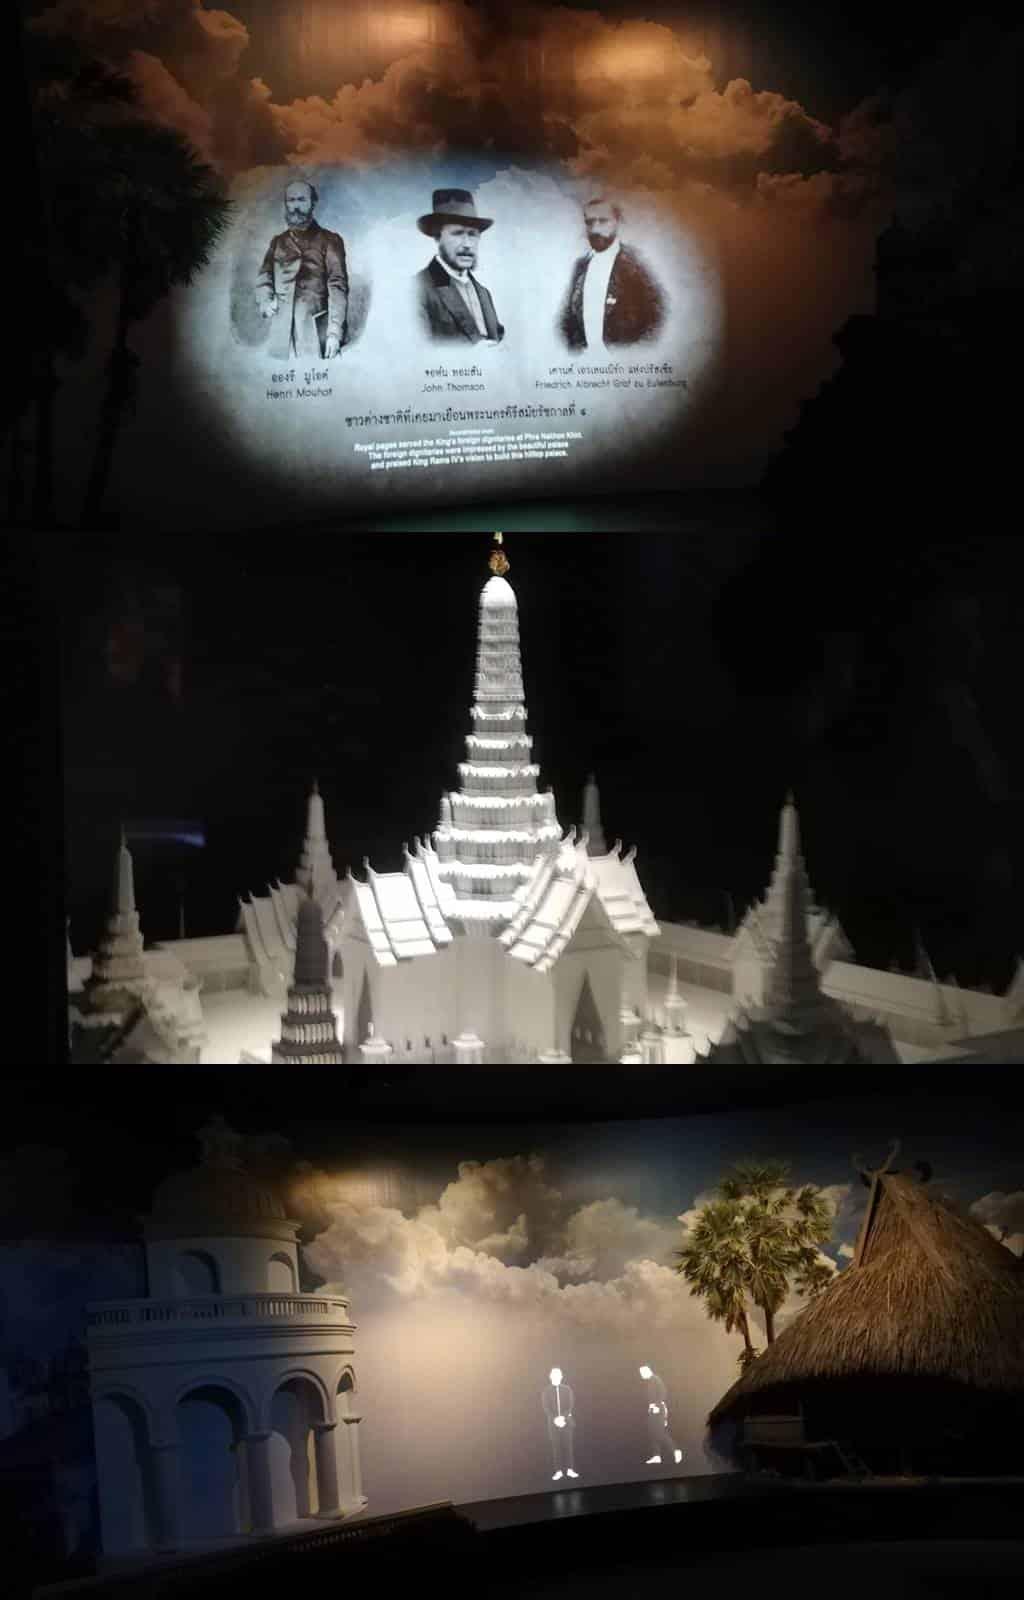 การเข้าชมนิทรรศการ ณ พระจอมเกล้าฯ บรมราชานิทัศน์ ไม่มีค่าเข้าชมแต่อย่างใด